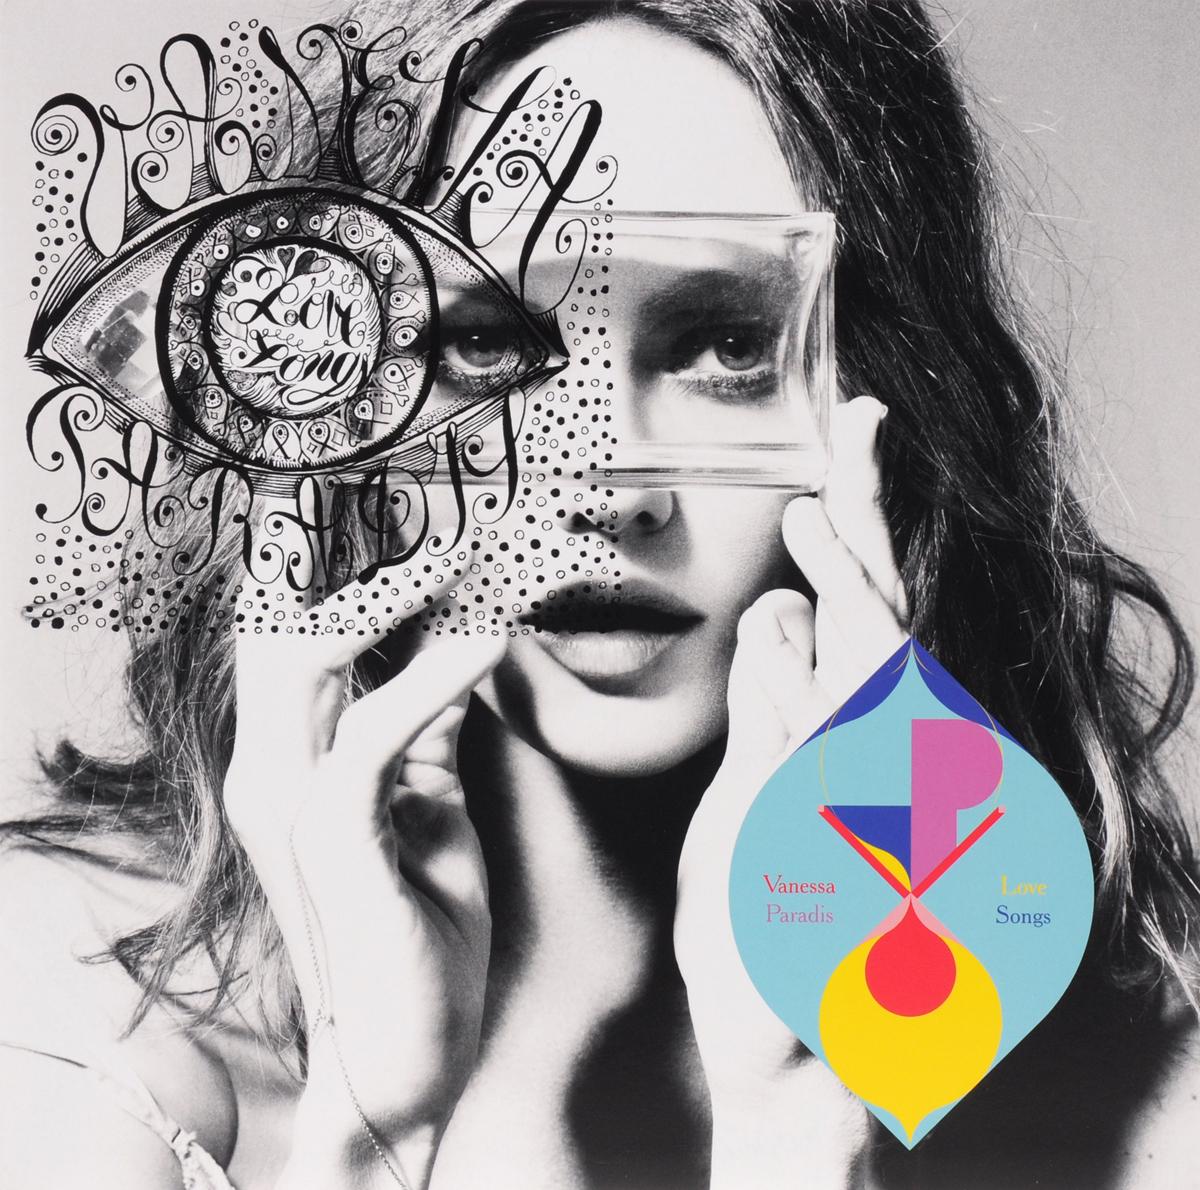 Ванесса Паради Vanessa Paradis. Love Songs (2 LP)